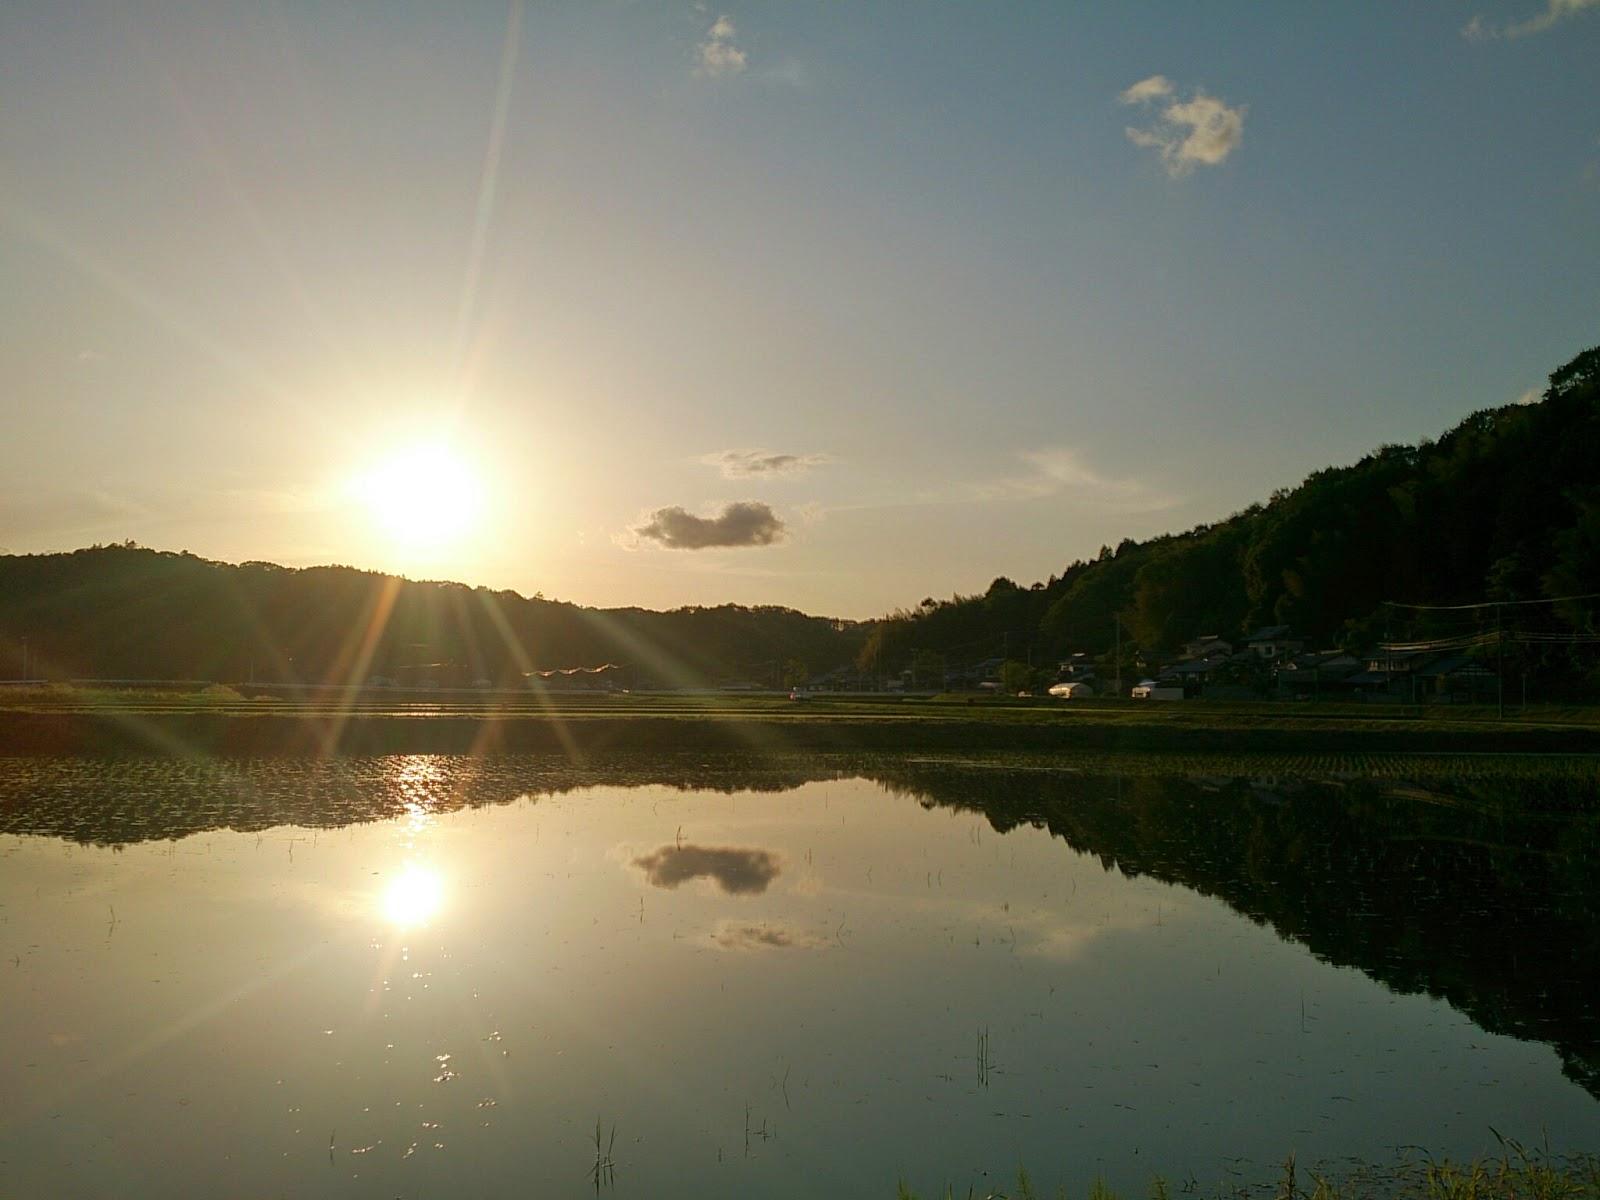 日本のウユニ、もとい田植え直後の水田